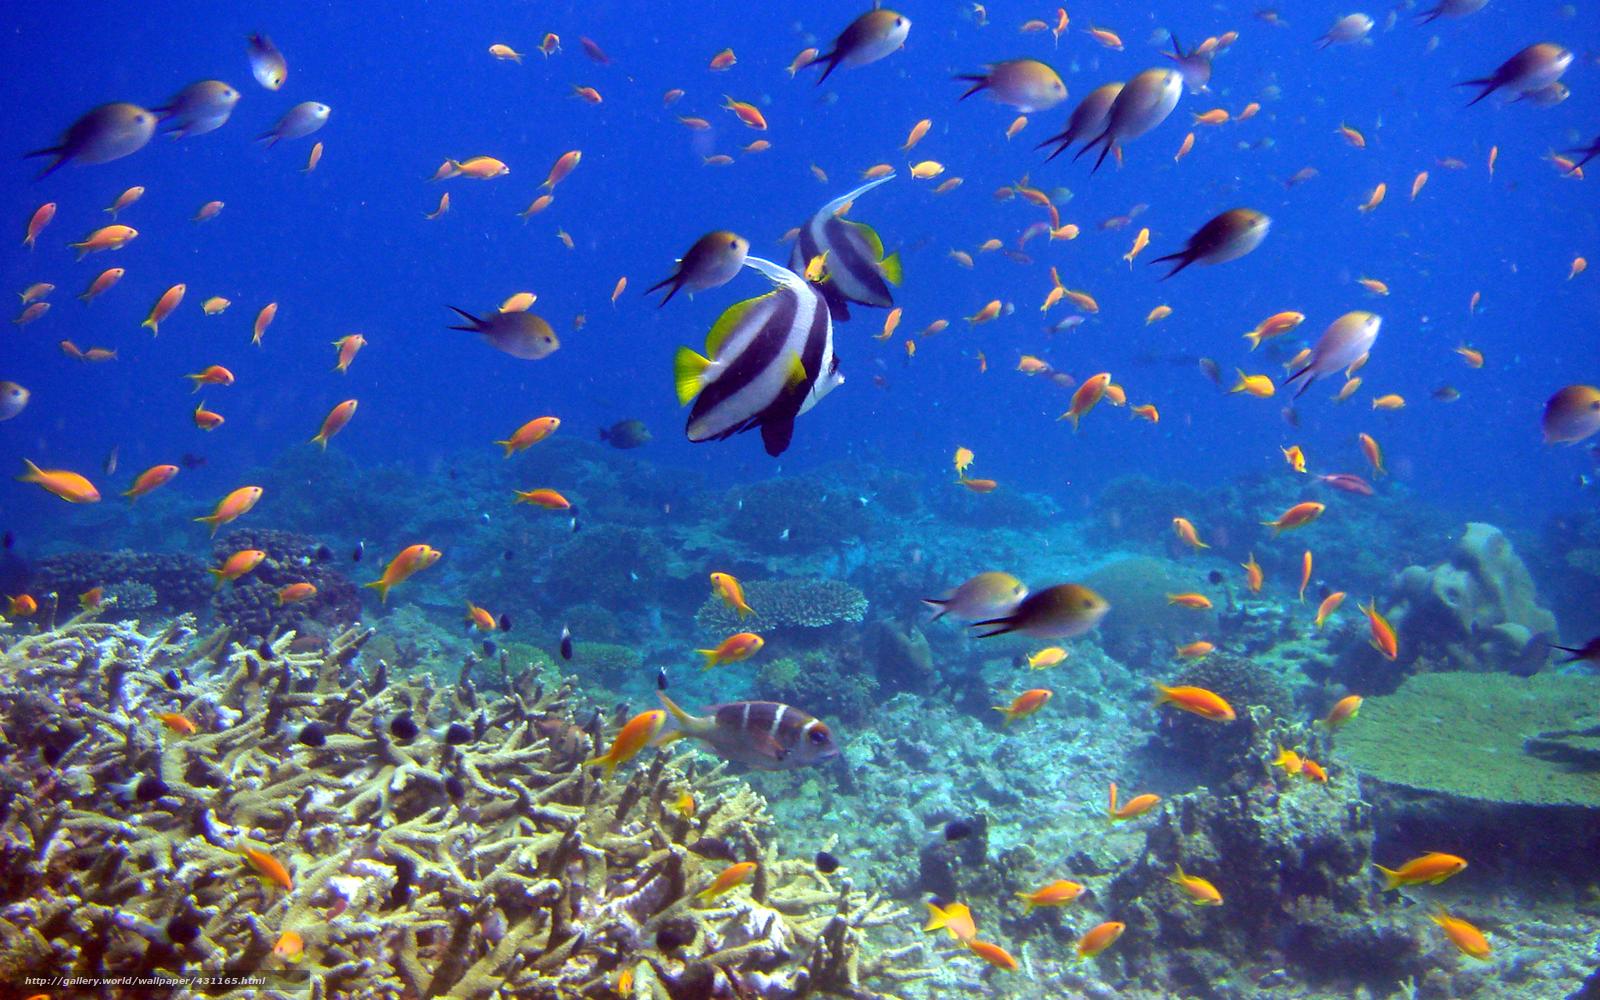 Tlcharger Fond D 39 Ecran Poisson Coraux Monde Sous Marin